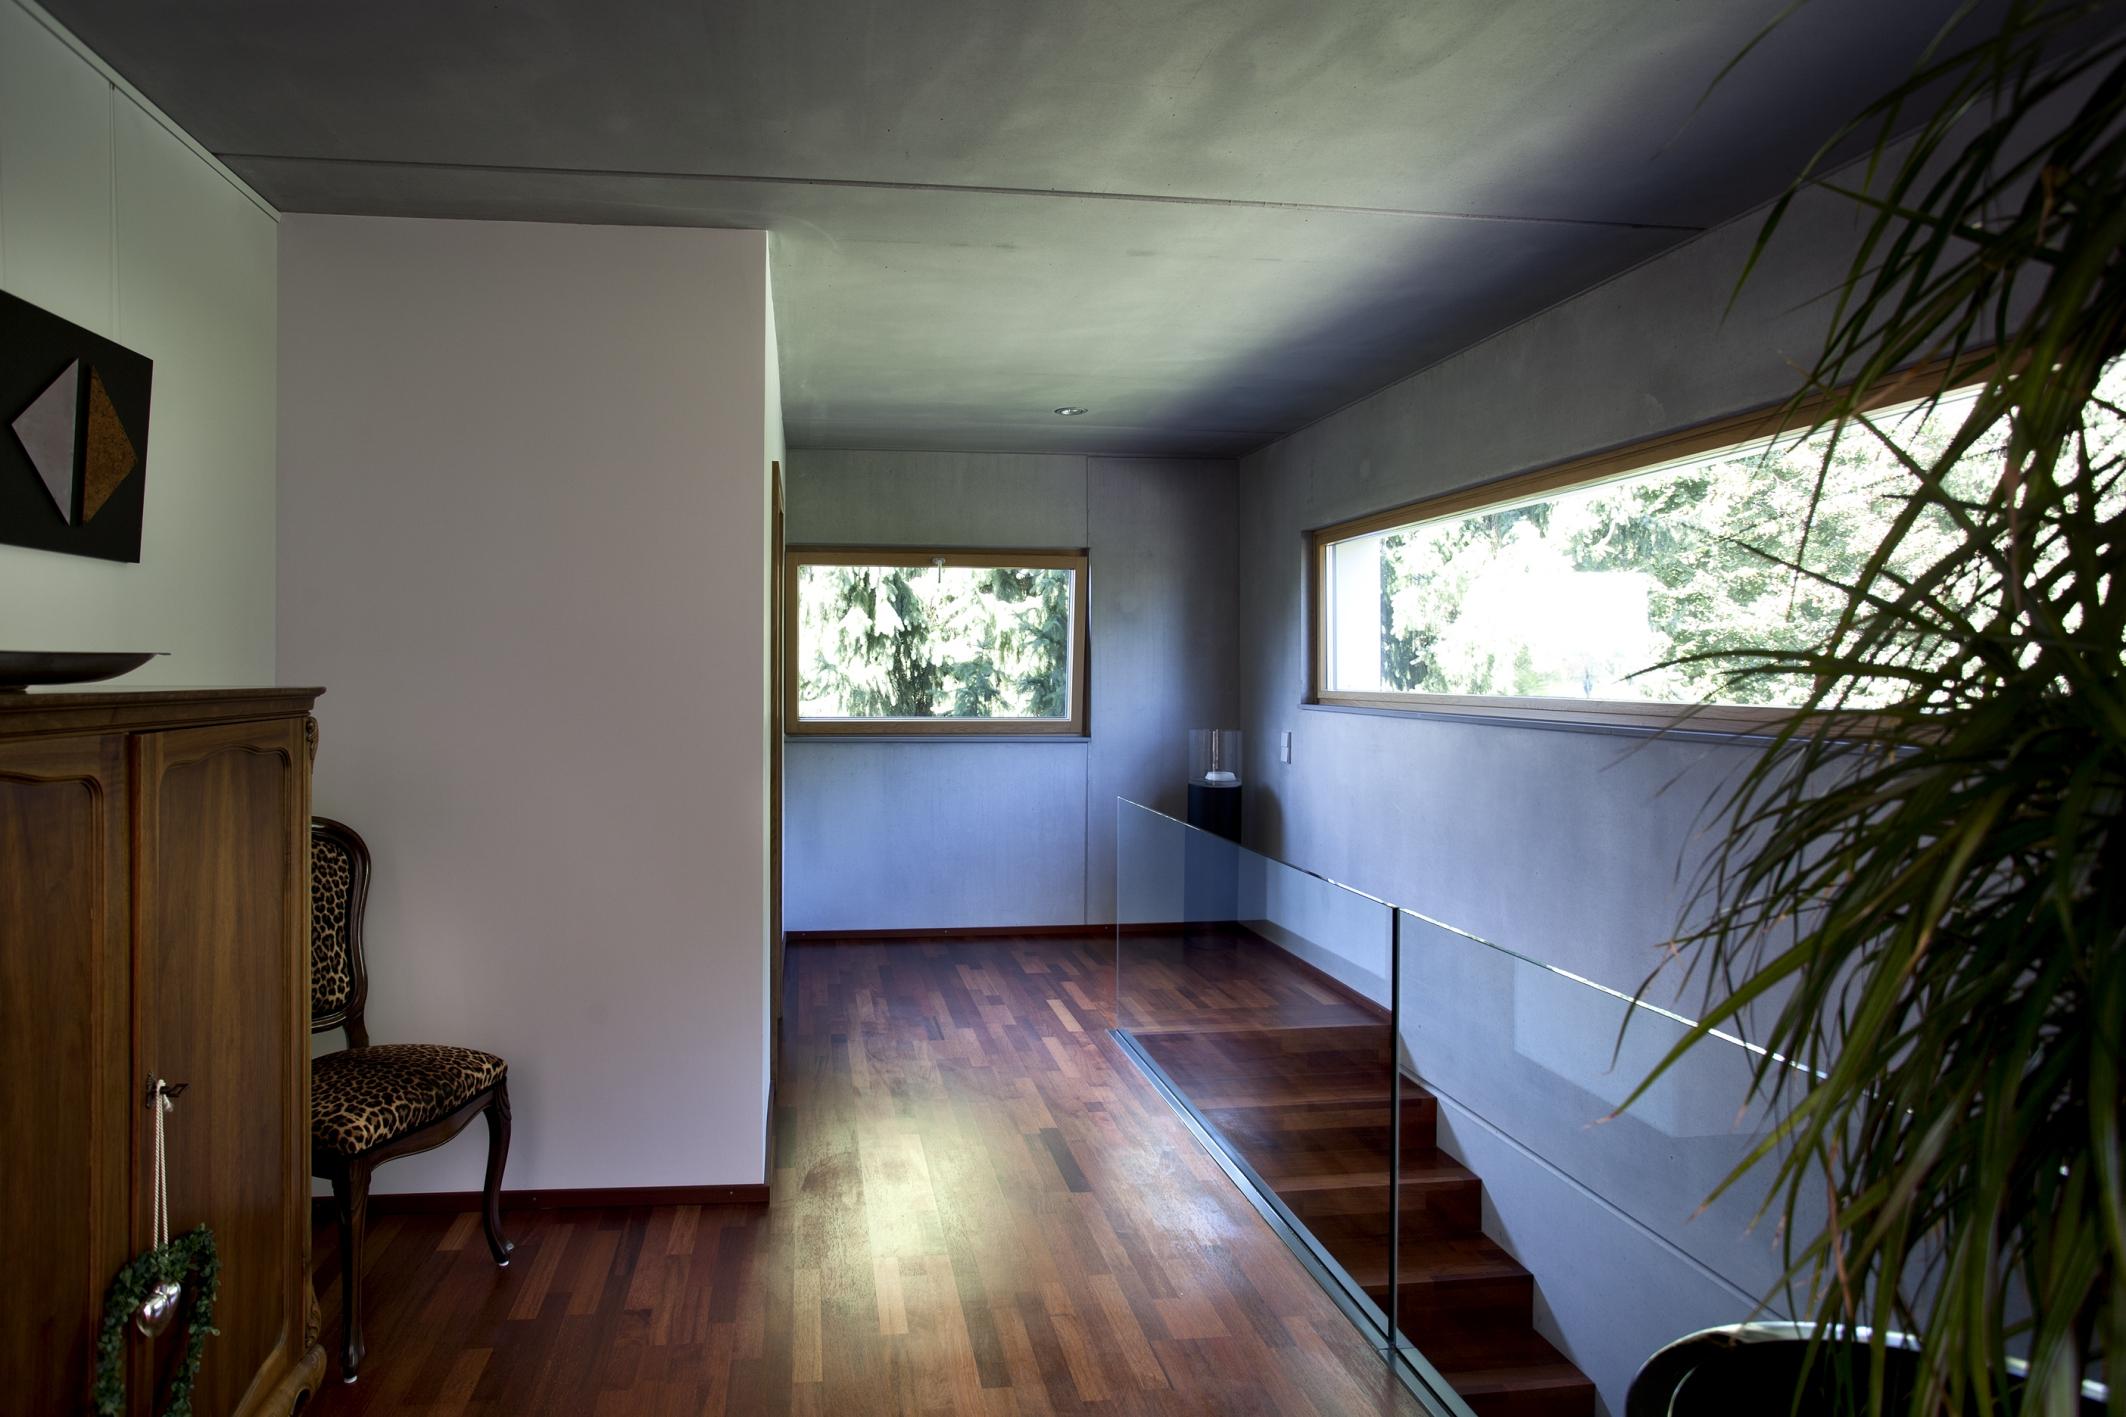 moderner kubus als anbau aluminium holz fenster schaefer markdorf. Black Bedroom Furniture Sets. Home Design Ideas